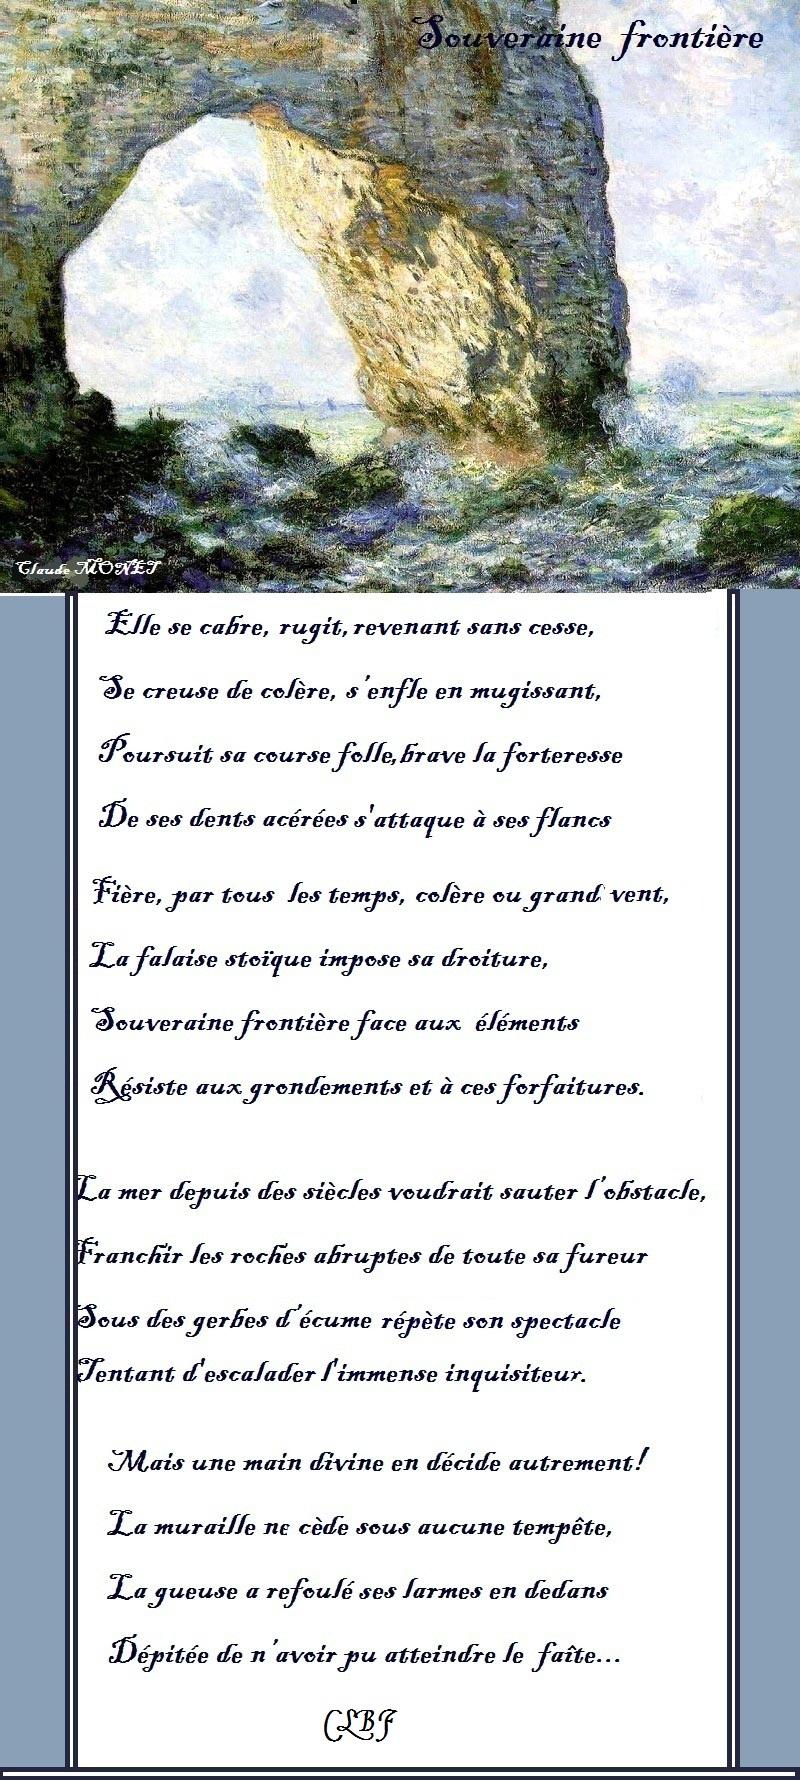 777 7 TA Fe se cabre, rugit, revenant Sans cesse, Se creuse de celère, s 'enfle en mugissant, Prursuit Sa course folle, Brave Ja forteresse M ca x De ses dents acérées s attaque à ses flancs Éiôre, PT tous Les temps, cefère eu grand vent, La falaise stoique impose sa droiture, Souveraine frontière face aux éléments Résiste aux _grondements etè ces ferfaitures. Pa mer depuis des siècles voudrait sauter S'ebstacle, ranchir Jes roches abruptes de toute sa fureur Dous des .gerbes d'écume répète sen spectacle Üentant d'escalader l'immense inquisiteur. Mais une main divine en décide autrement! La muraille ne cède sous aucune tempête, Ta queuse a refoulé ses armes en dedans Dépitée den 'avoir pu atteindre Je fete. CF